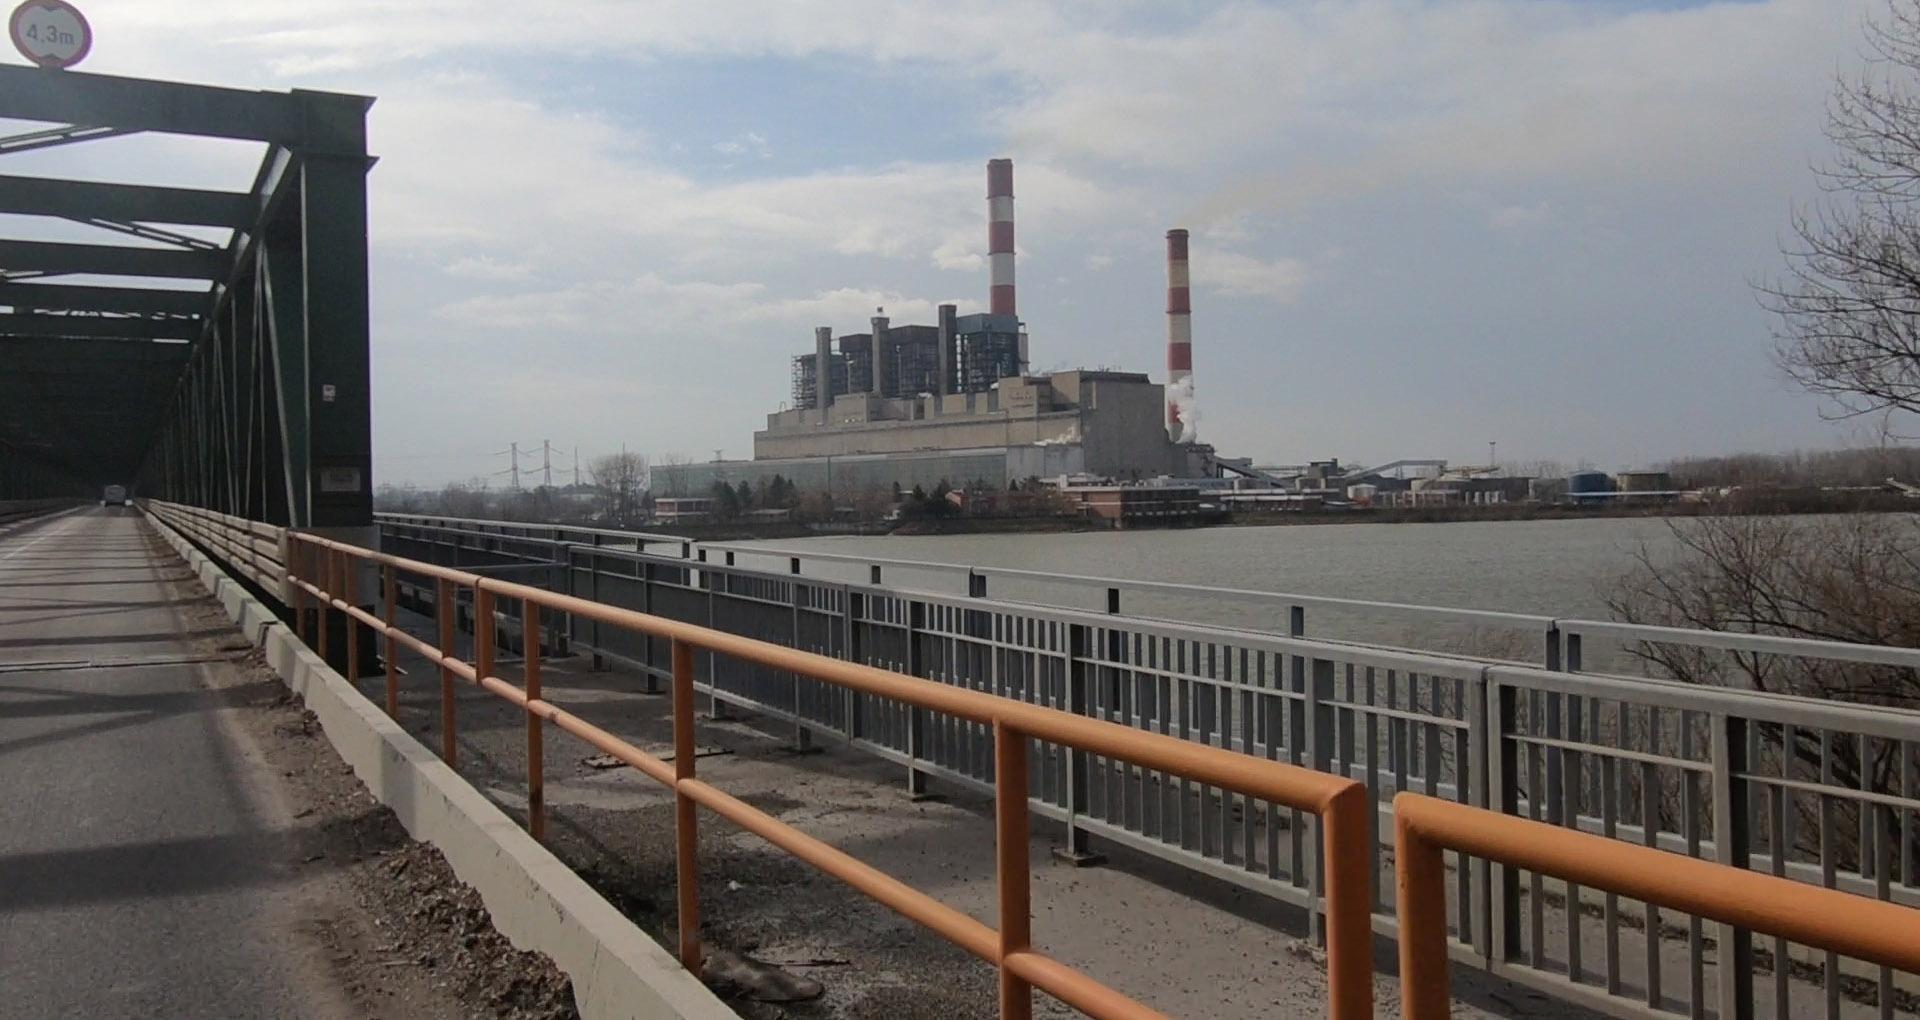 Јовановић: Катастрофална реакција градске власти на кризу са отпадом у Обреновцу